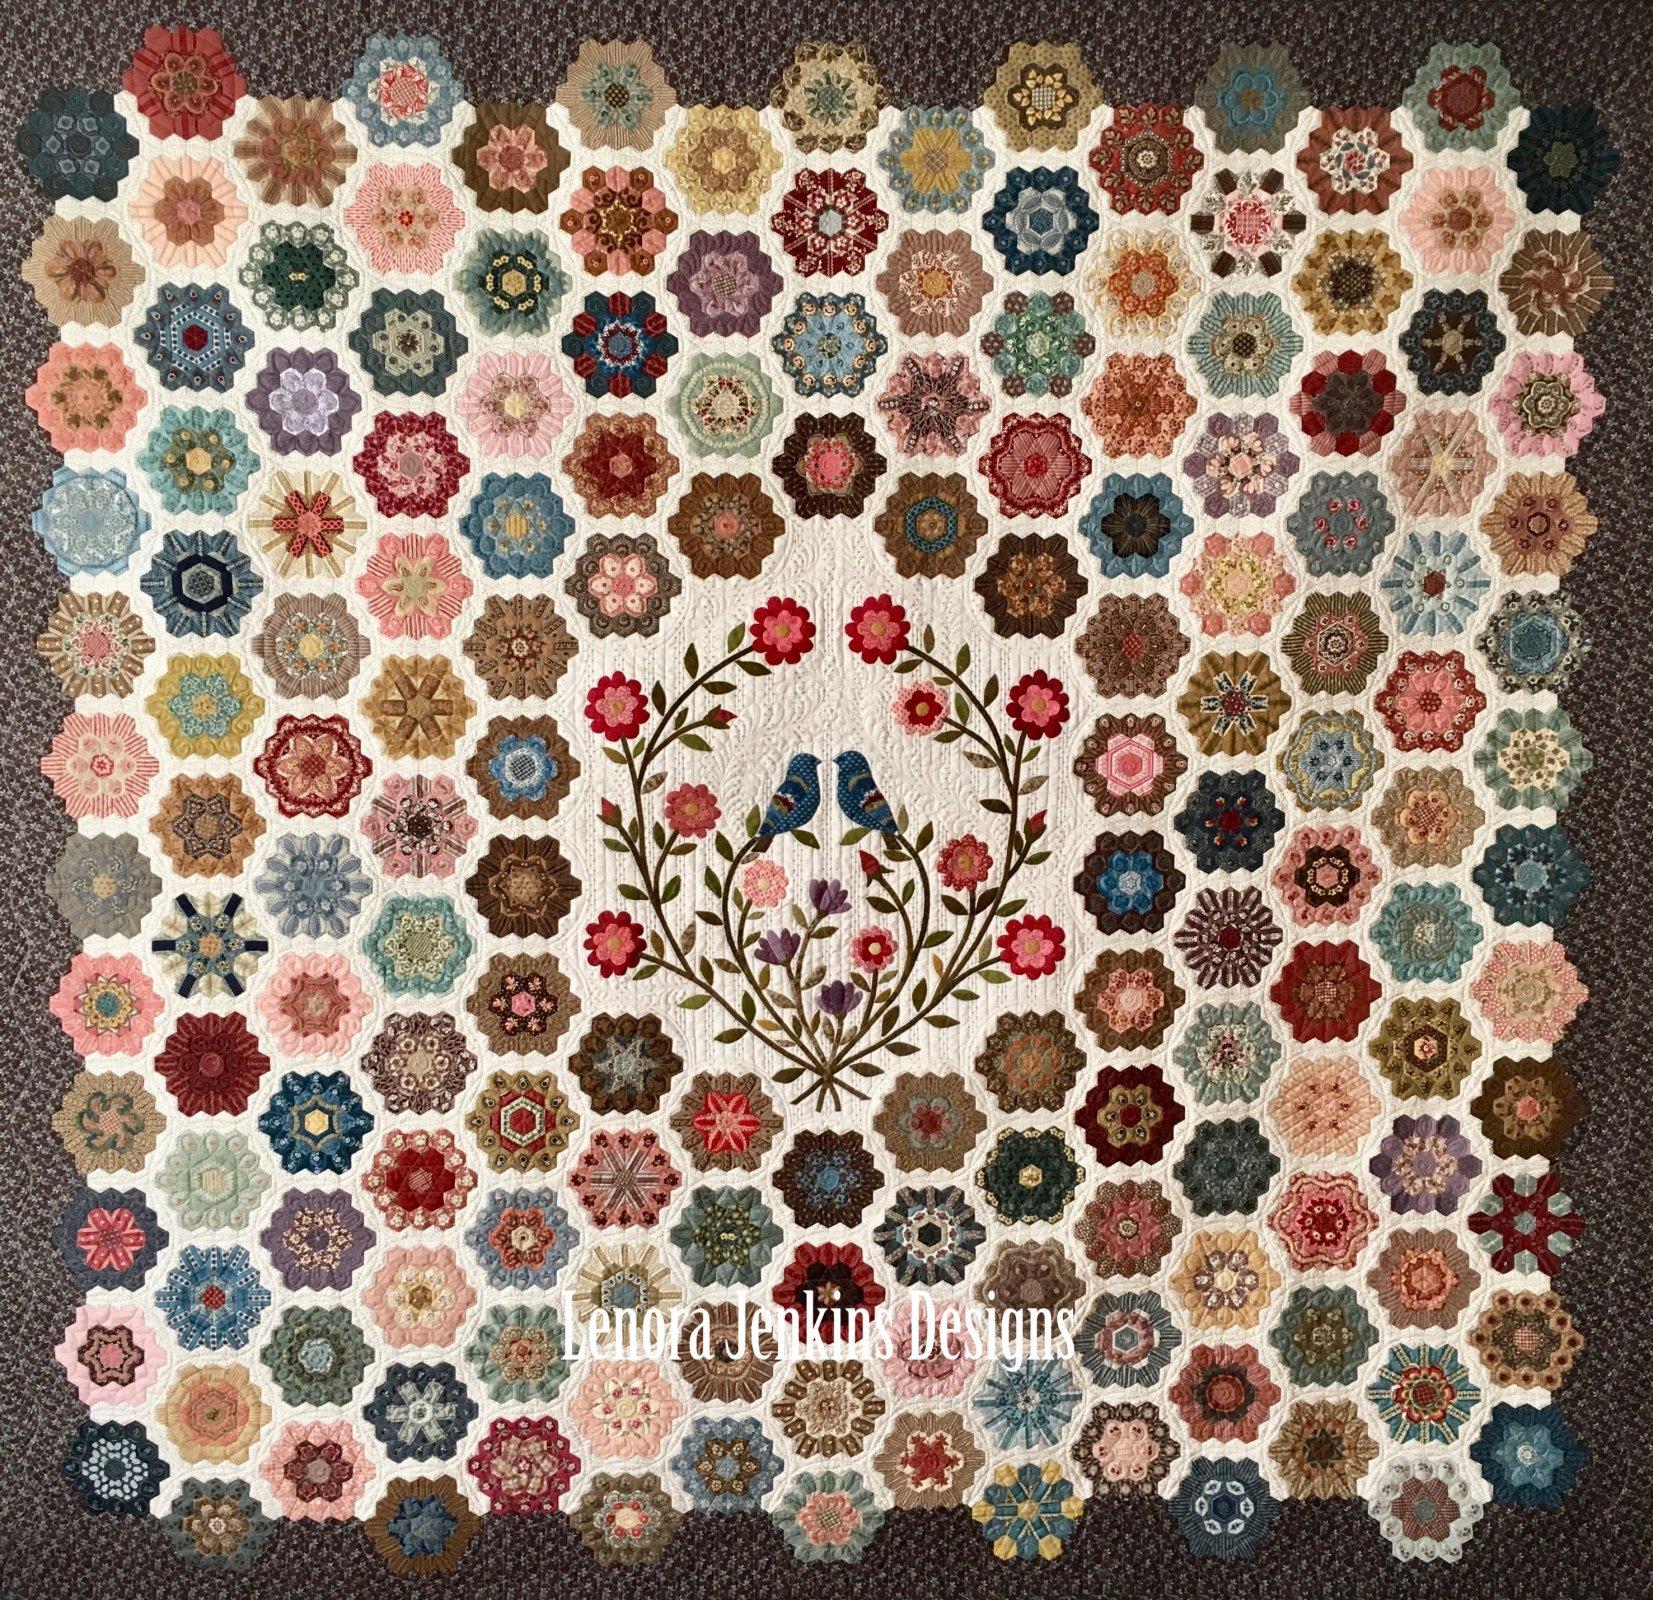 Maggie Maguire's Garden pattern